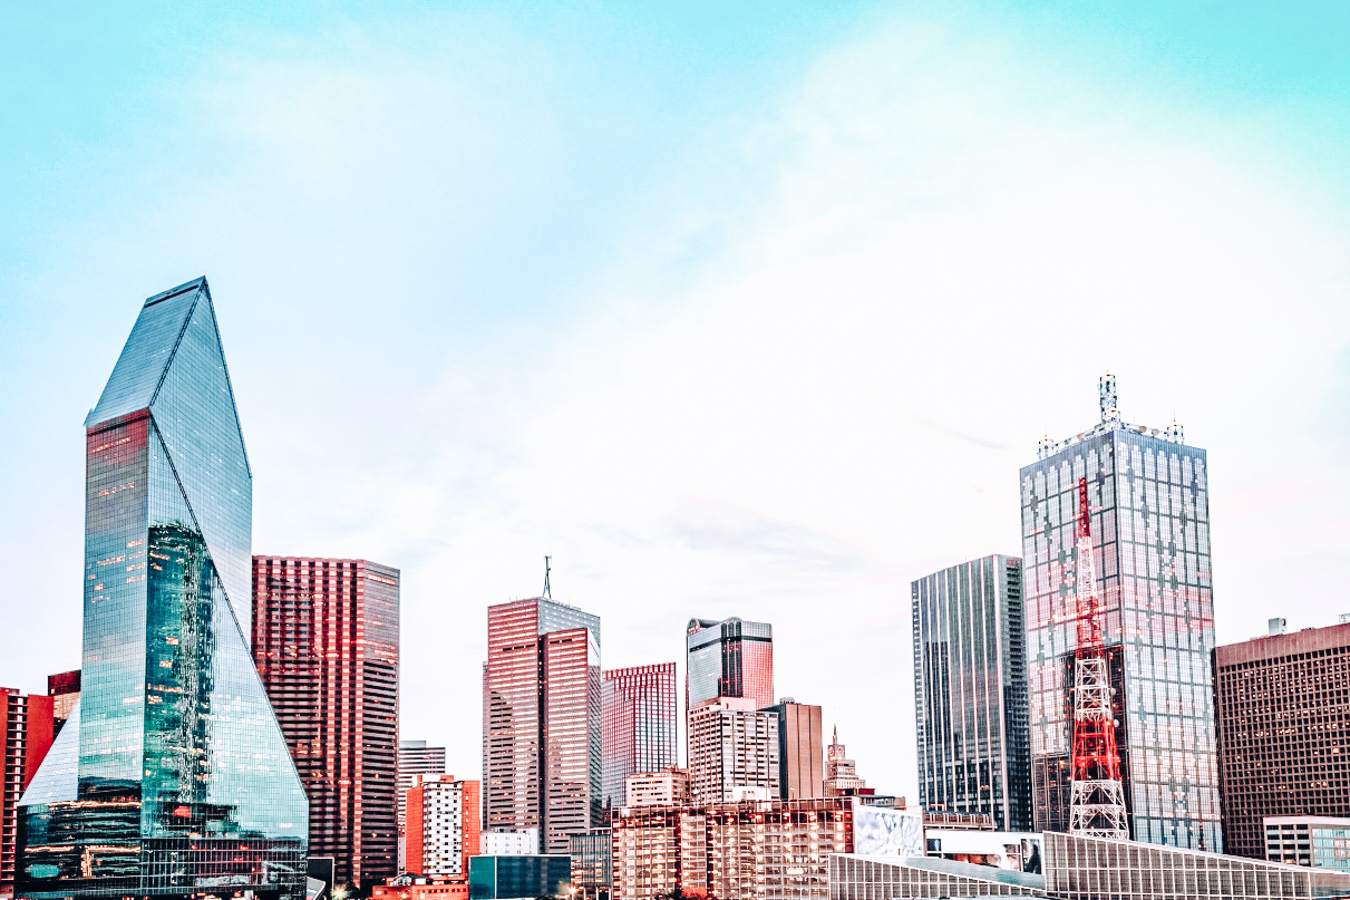 Buildings in Dallas